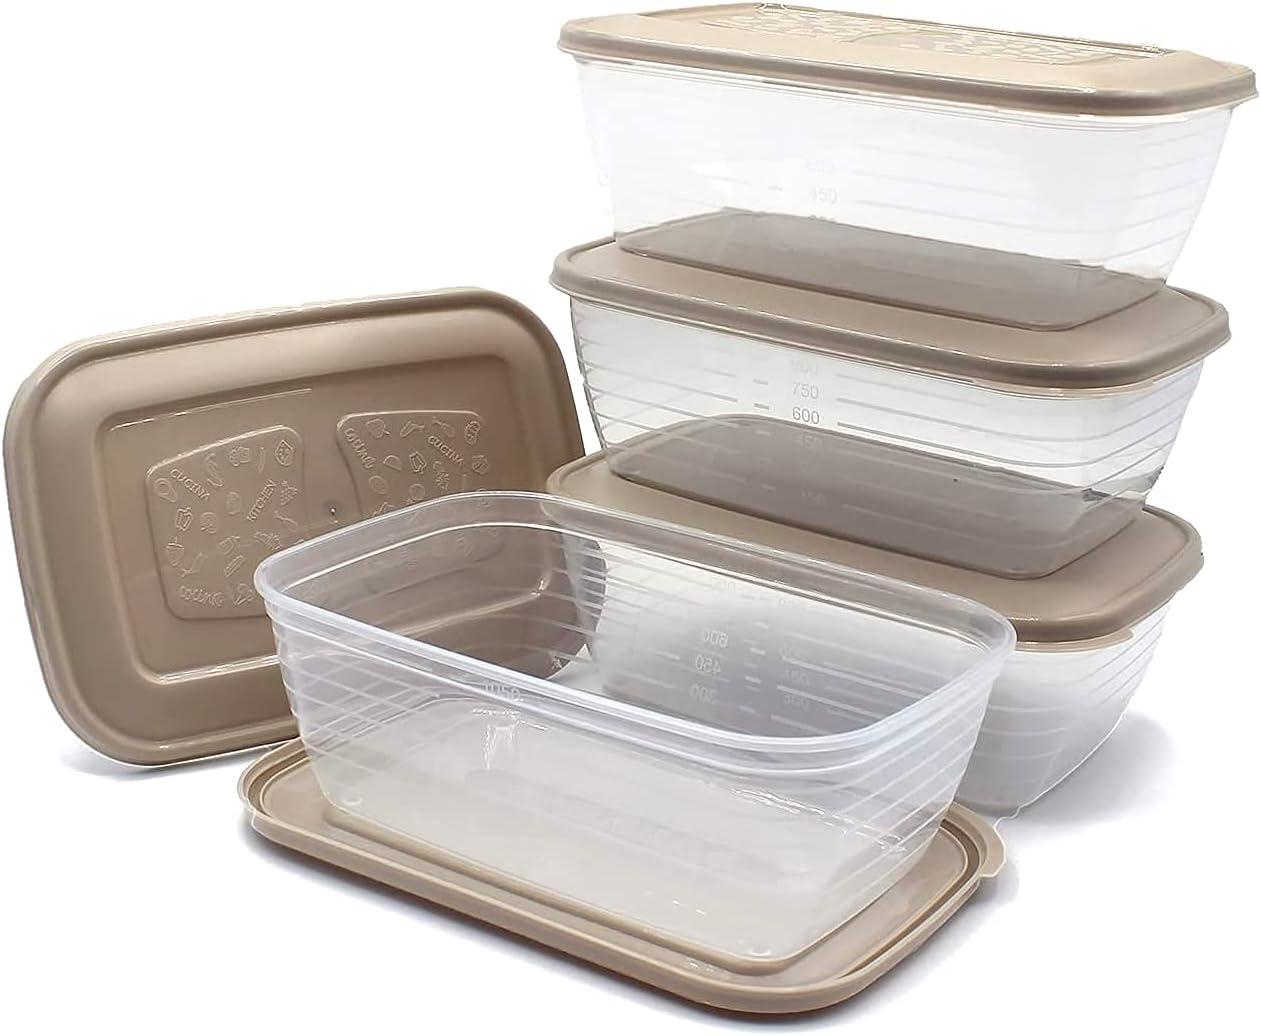 Unishop Set de 5 Recipientes de Plástico para Comida, Fiambreras Sin BPA, Táper Apto para Microondas, Congelador y Lavavajillas, de Colores Pastel (Marrón, 1200ml)